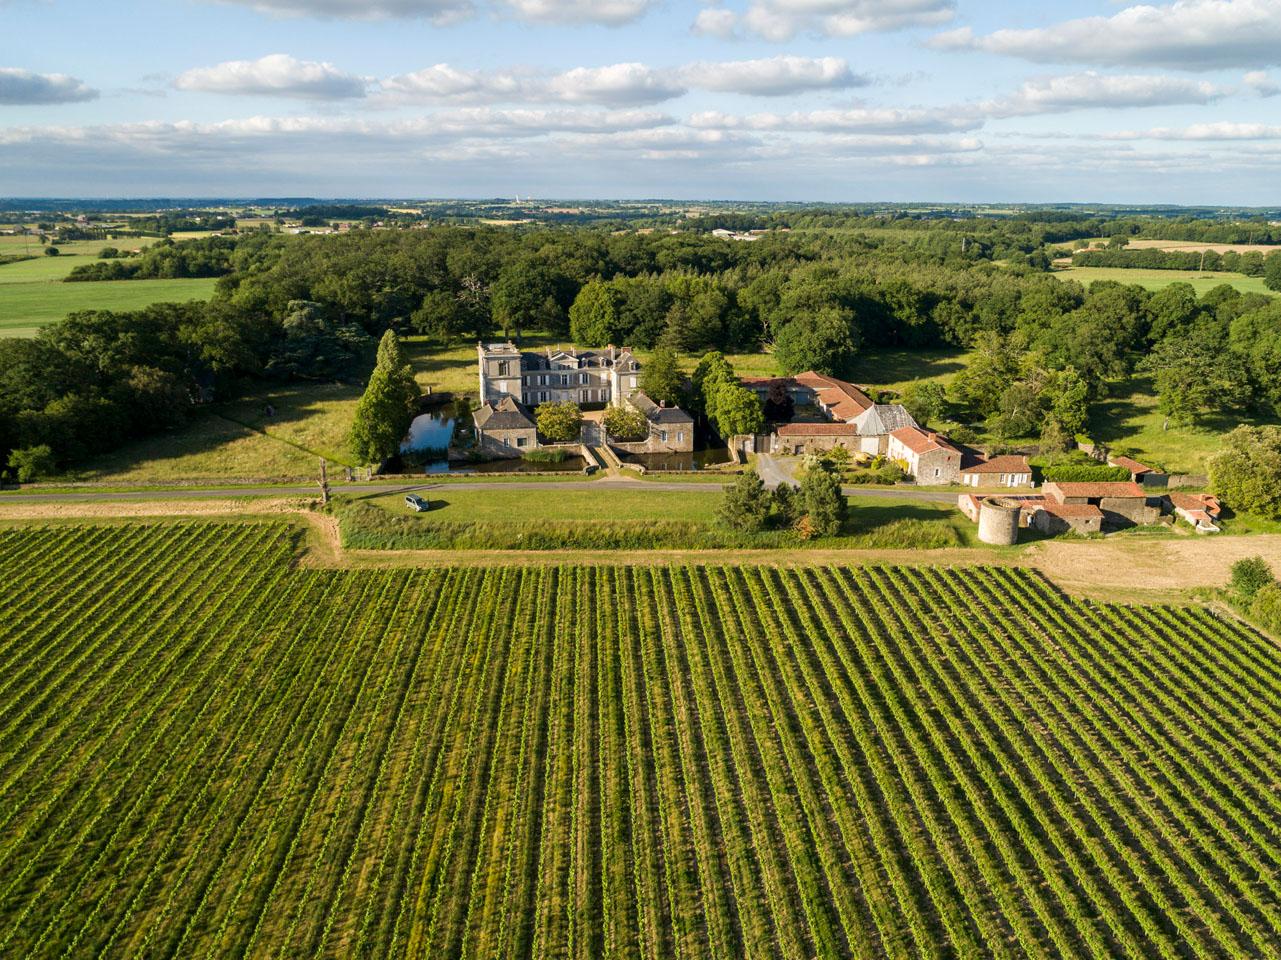 paysage de vigne et chateau, divatte sur loire, vue graphique, verdure